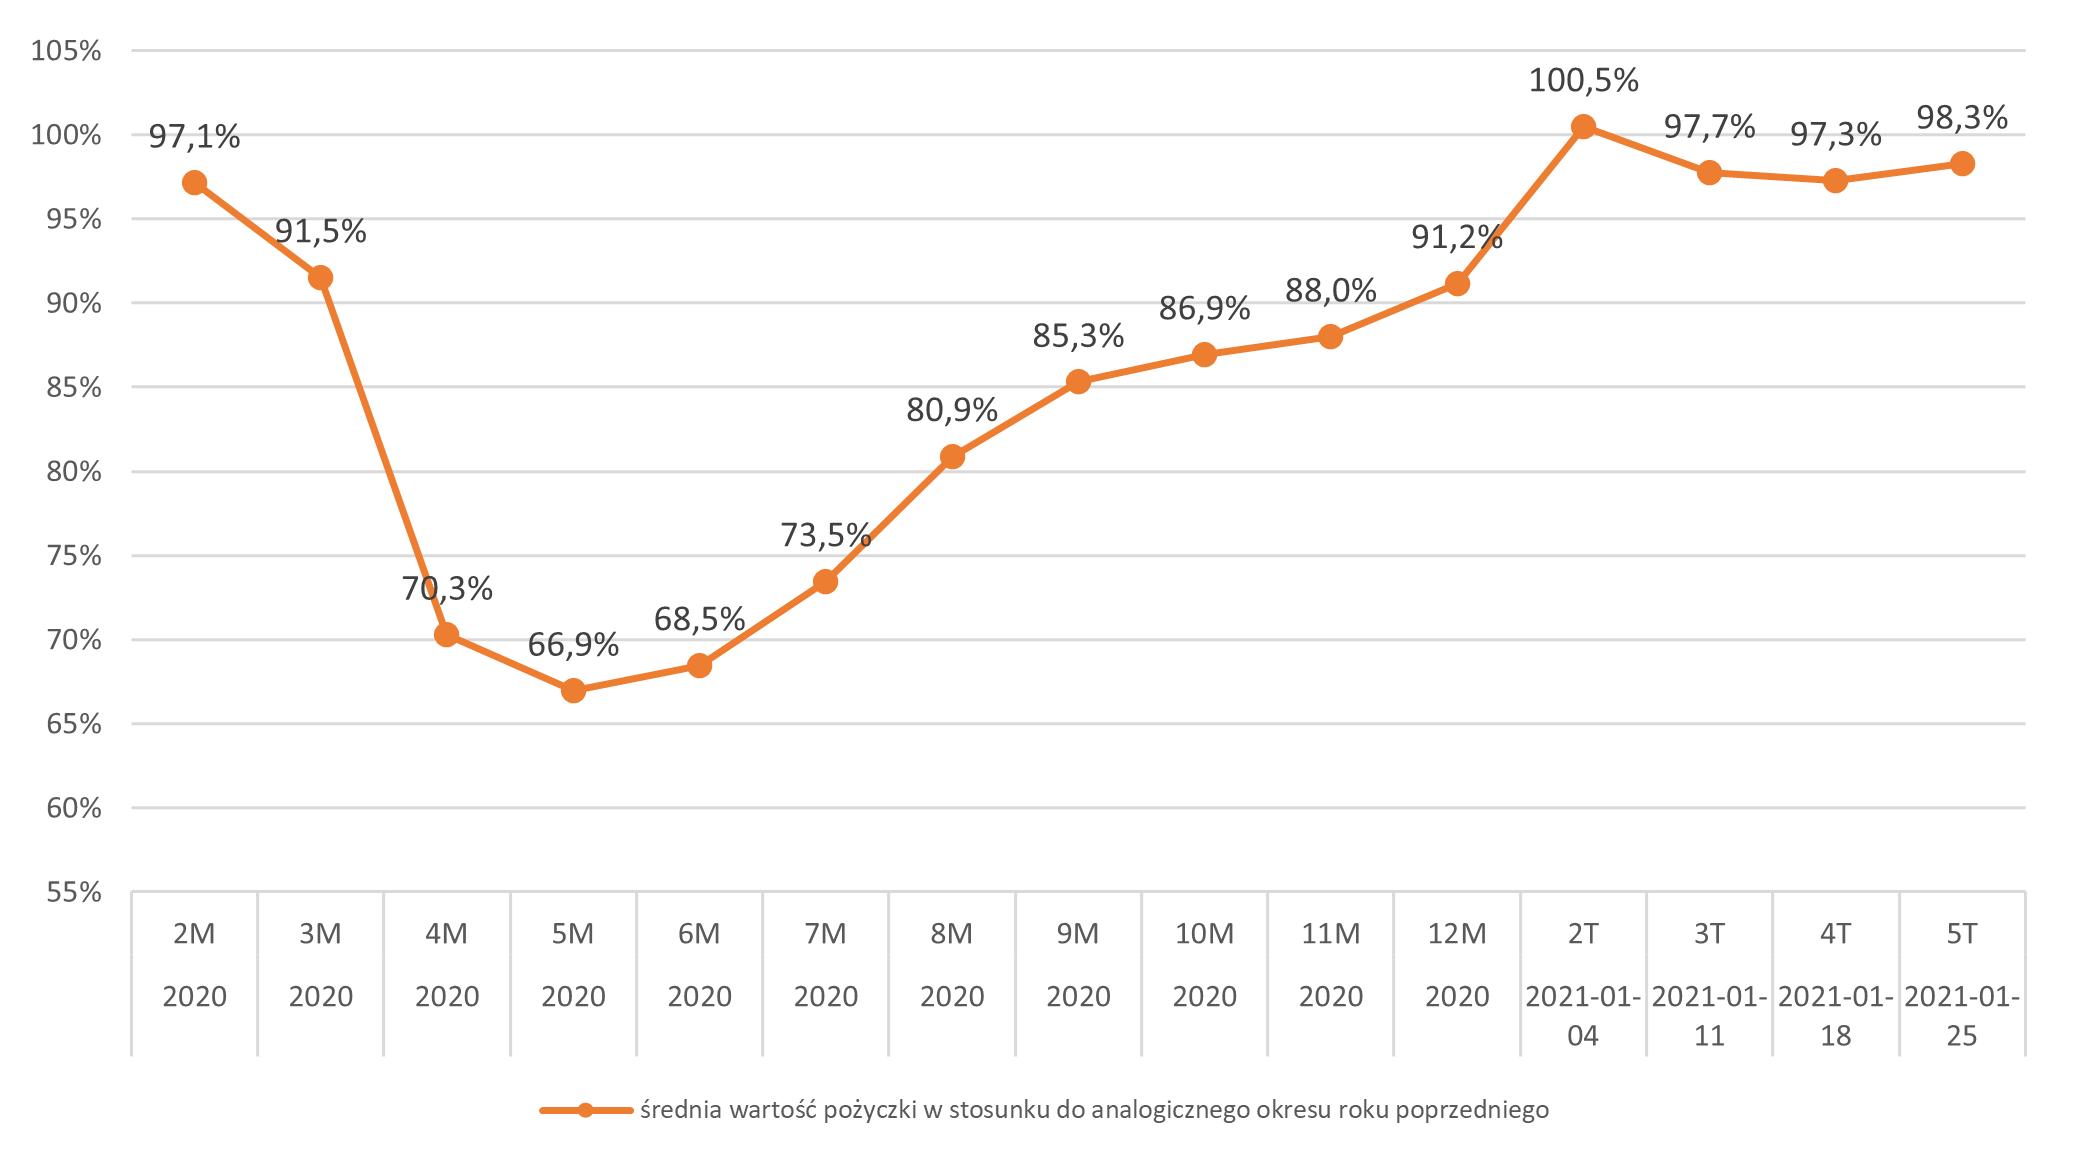 Średnia wartość pożyczki w okresie ostatnich 12 miesięcy